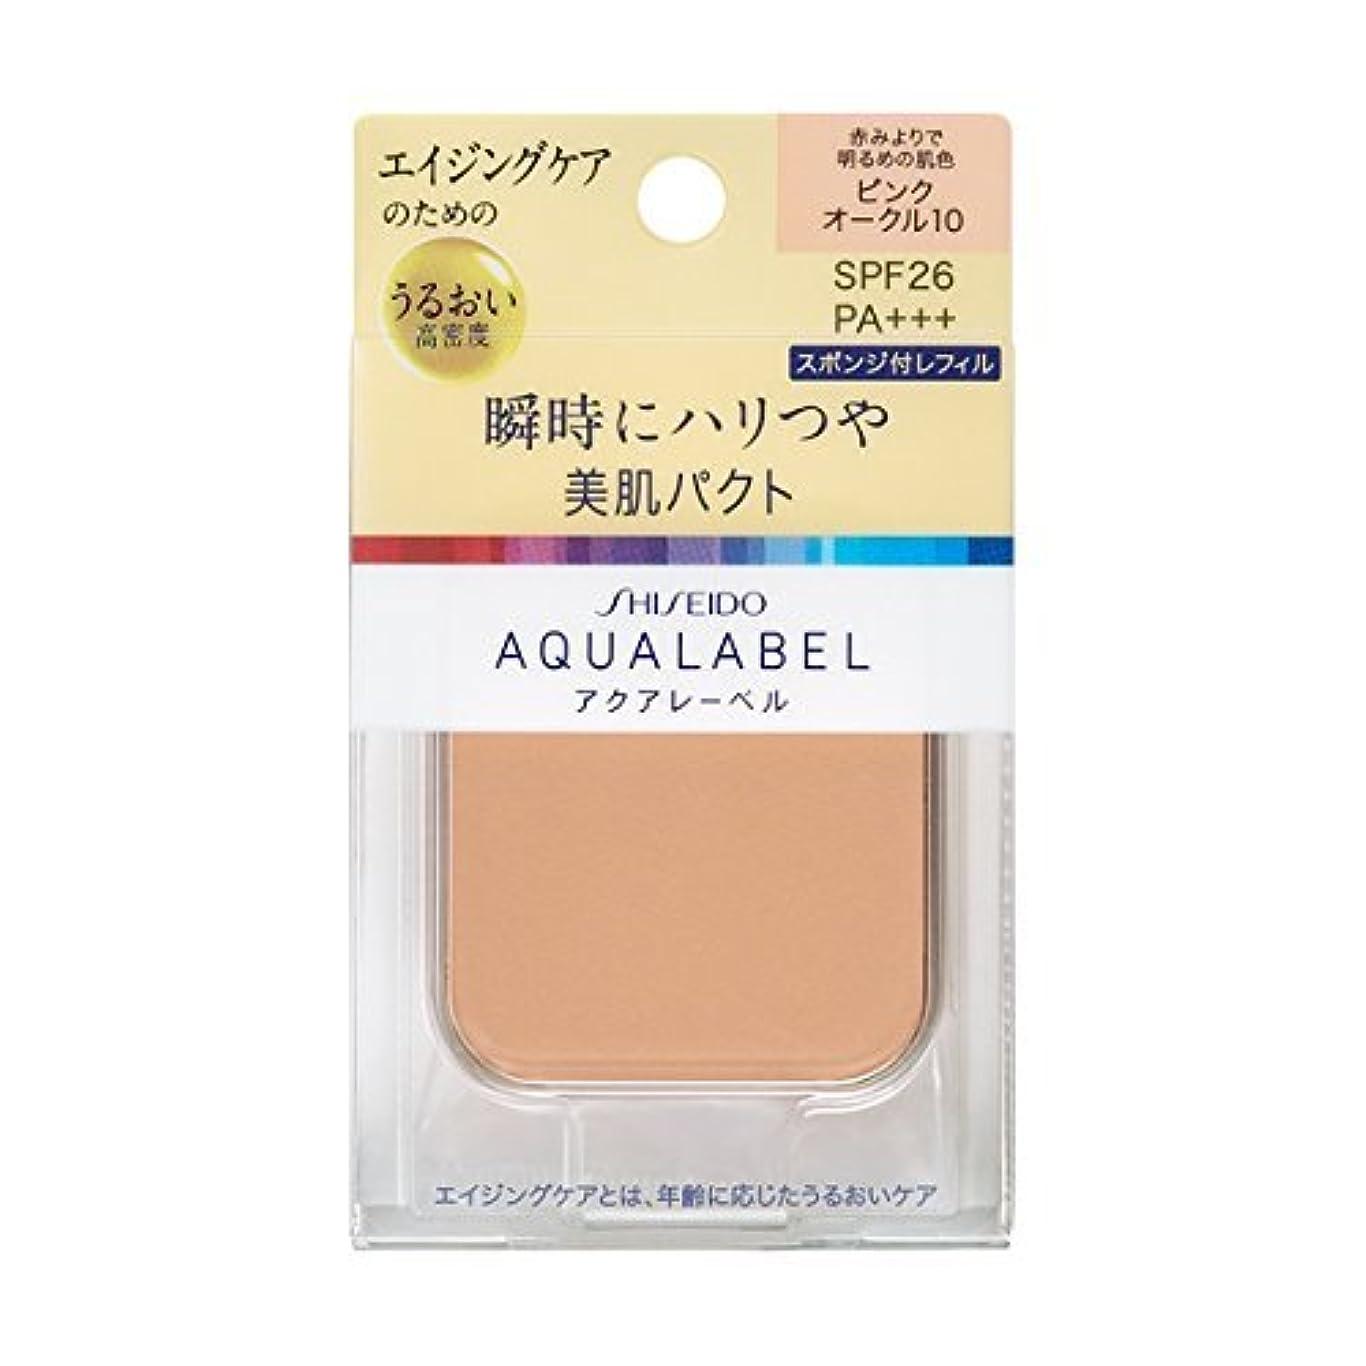 ジャーナル中央値殺しますアクアレーベル 明るいつや肌パクト ピンクオークル10 (レフィル) 11.5g×3個